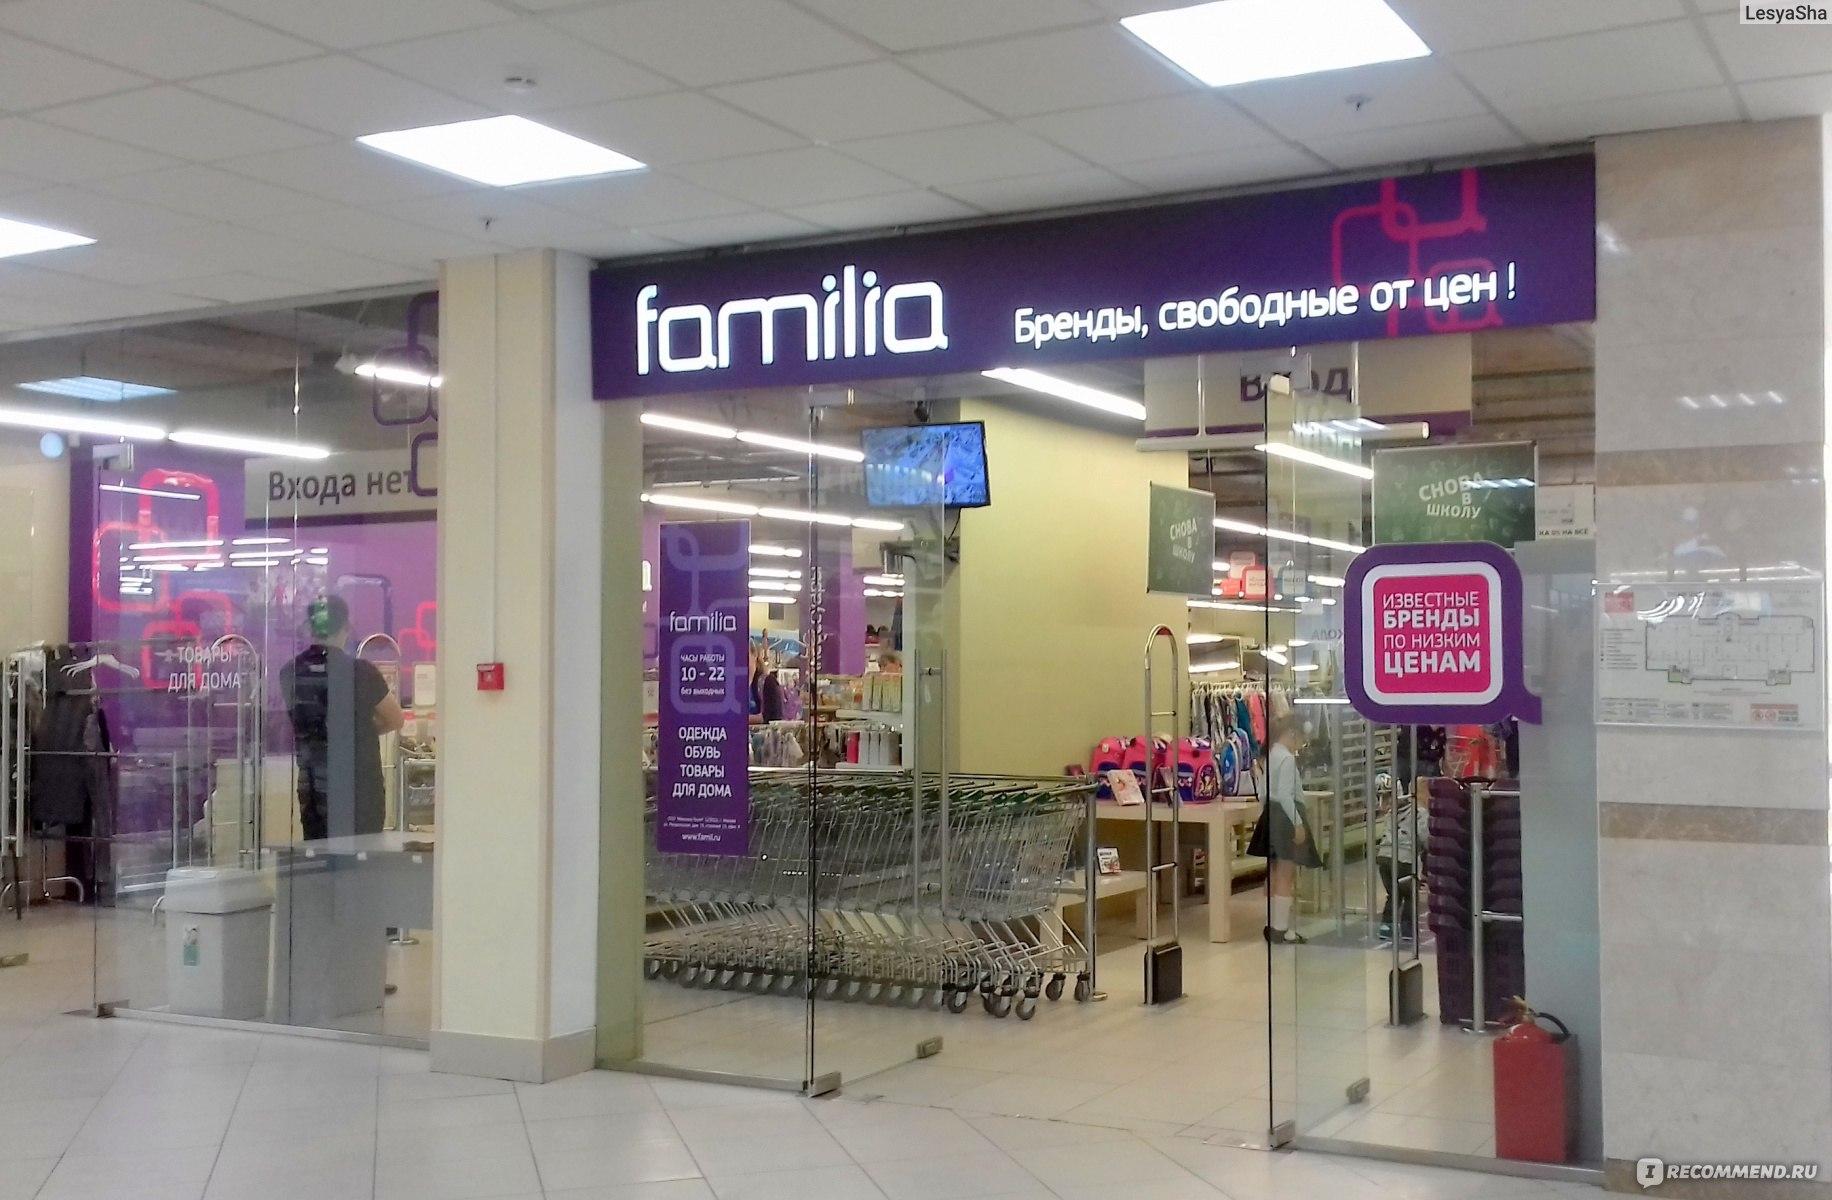 cdb2635312a Familia - сеть off-price магазинов - «Магазины Фамилия - любить или ...